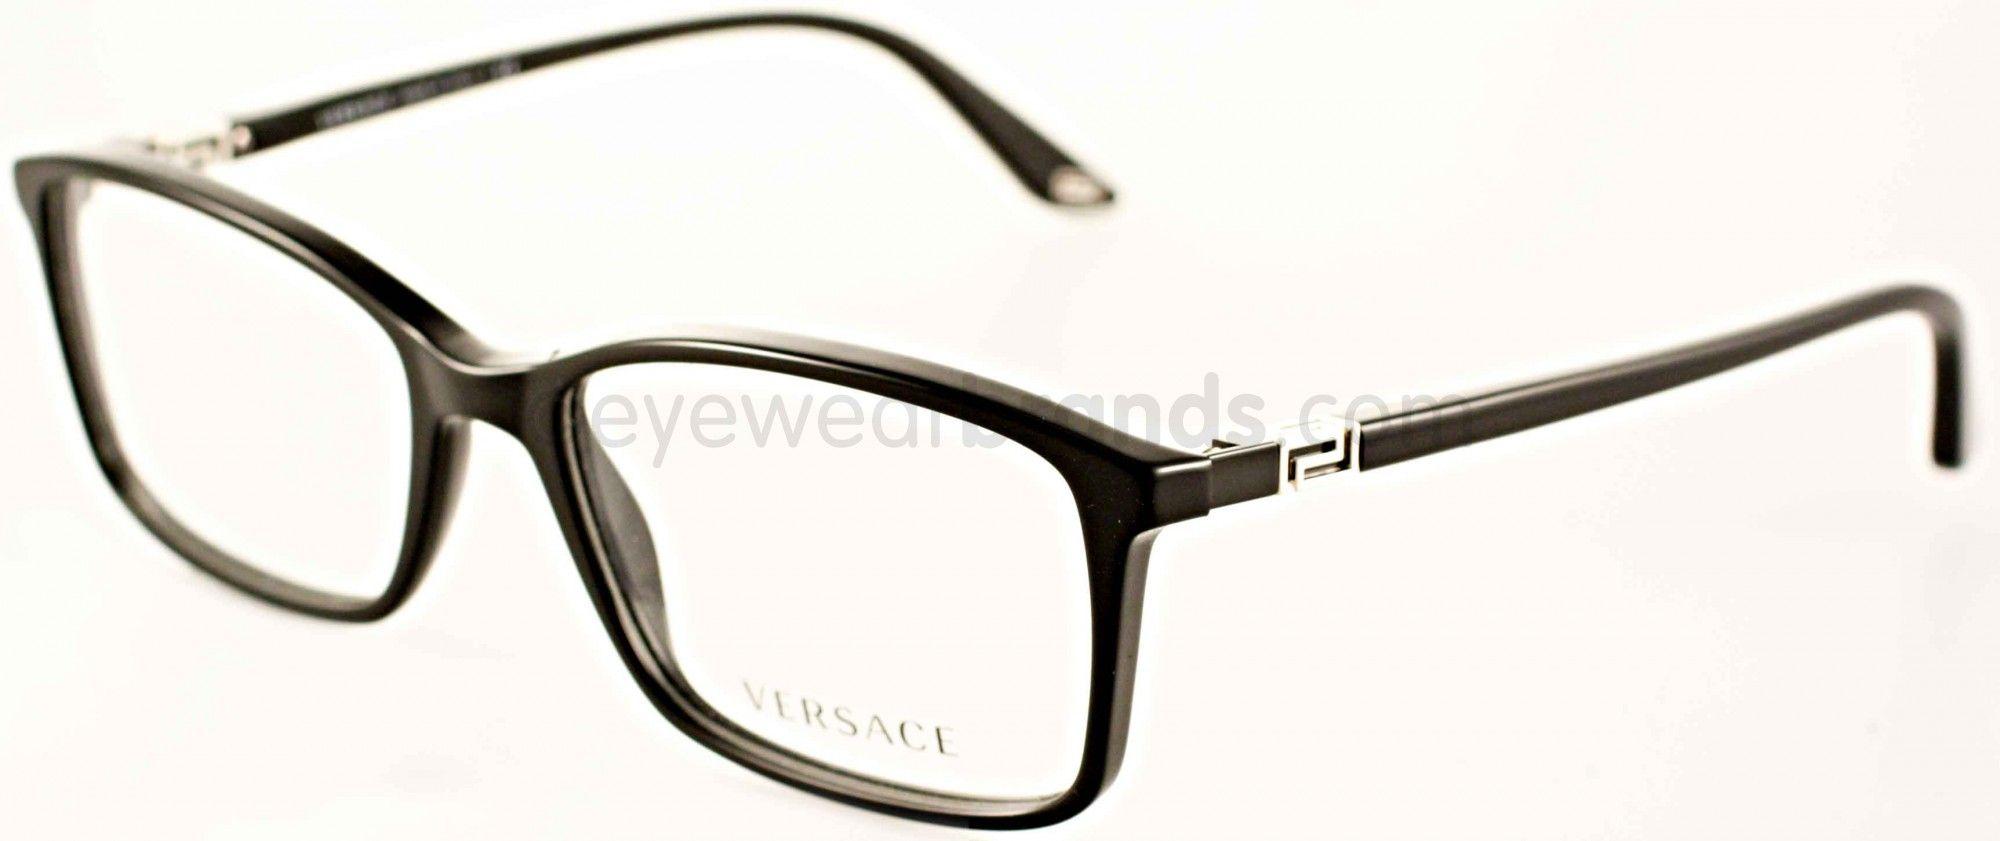 b5df033ebbba Versace VE 3163 - Versace VE3163 GB1 Black | Eyewears | Glasses ...